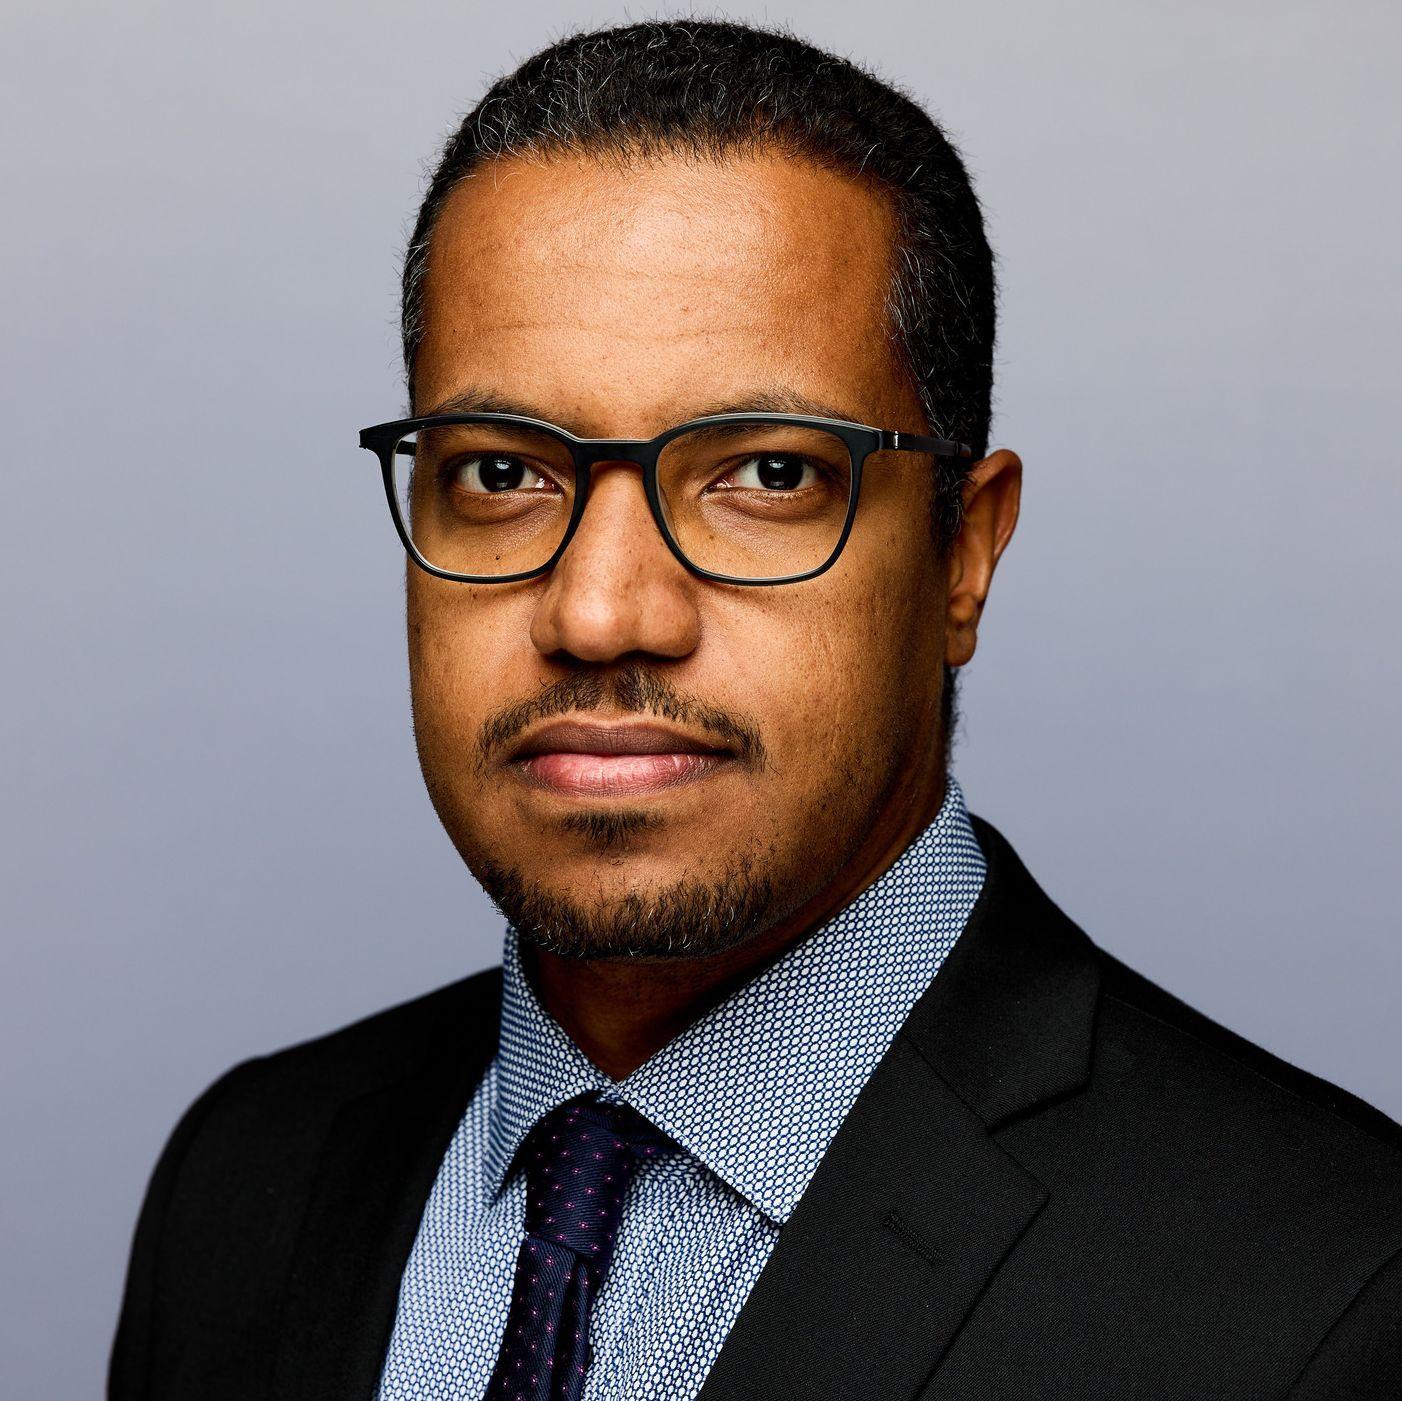 Mohamed Eltahir, M.B.B.S., Ph.D.